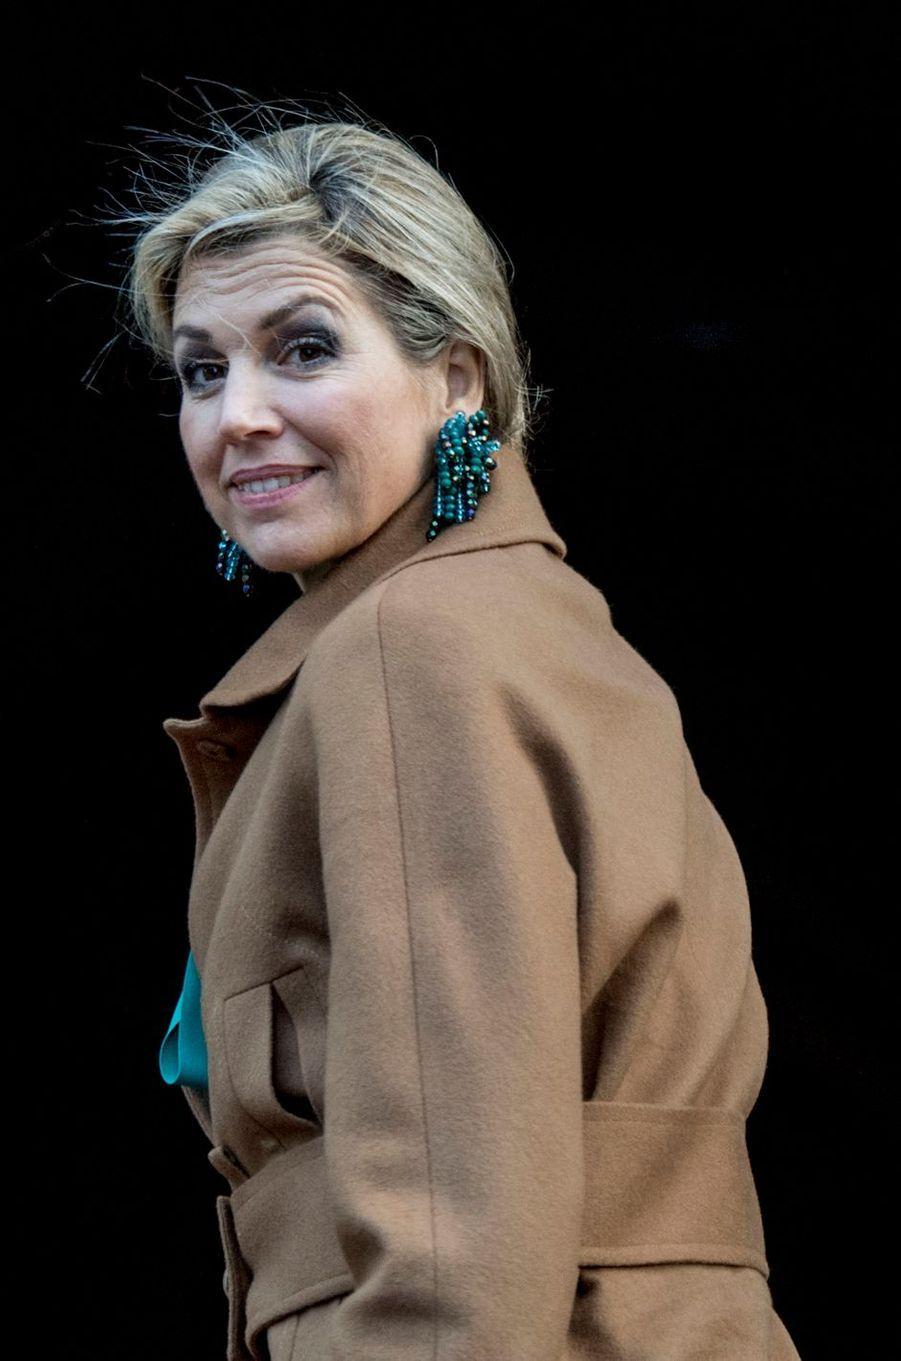 La reine Maxima des Pays-Bas à Amsterdam, le 28 novembre 2017